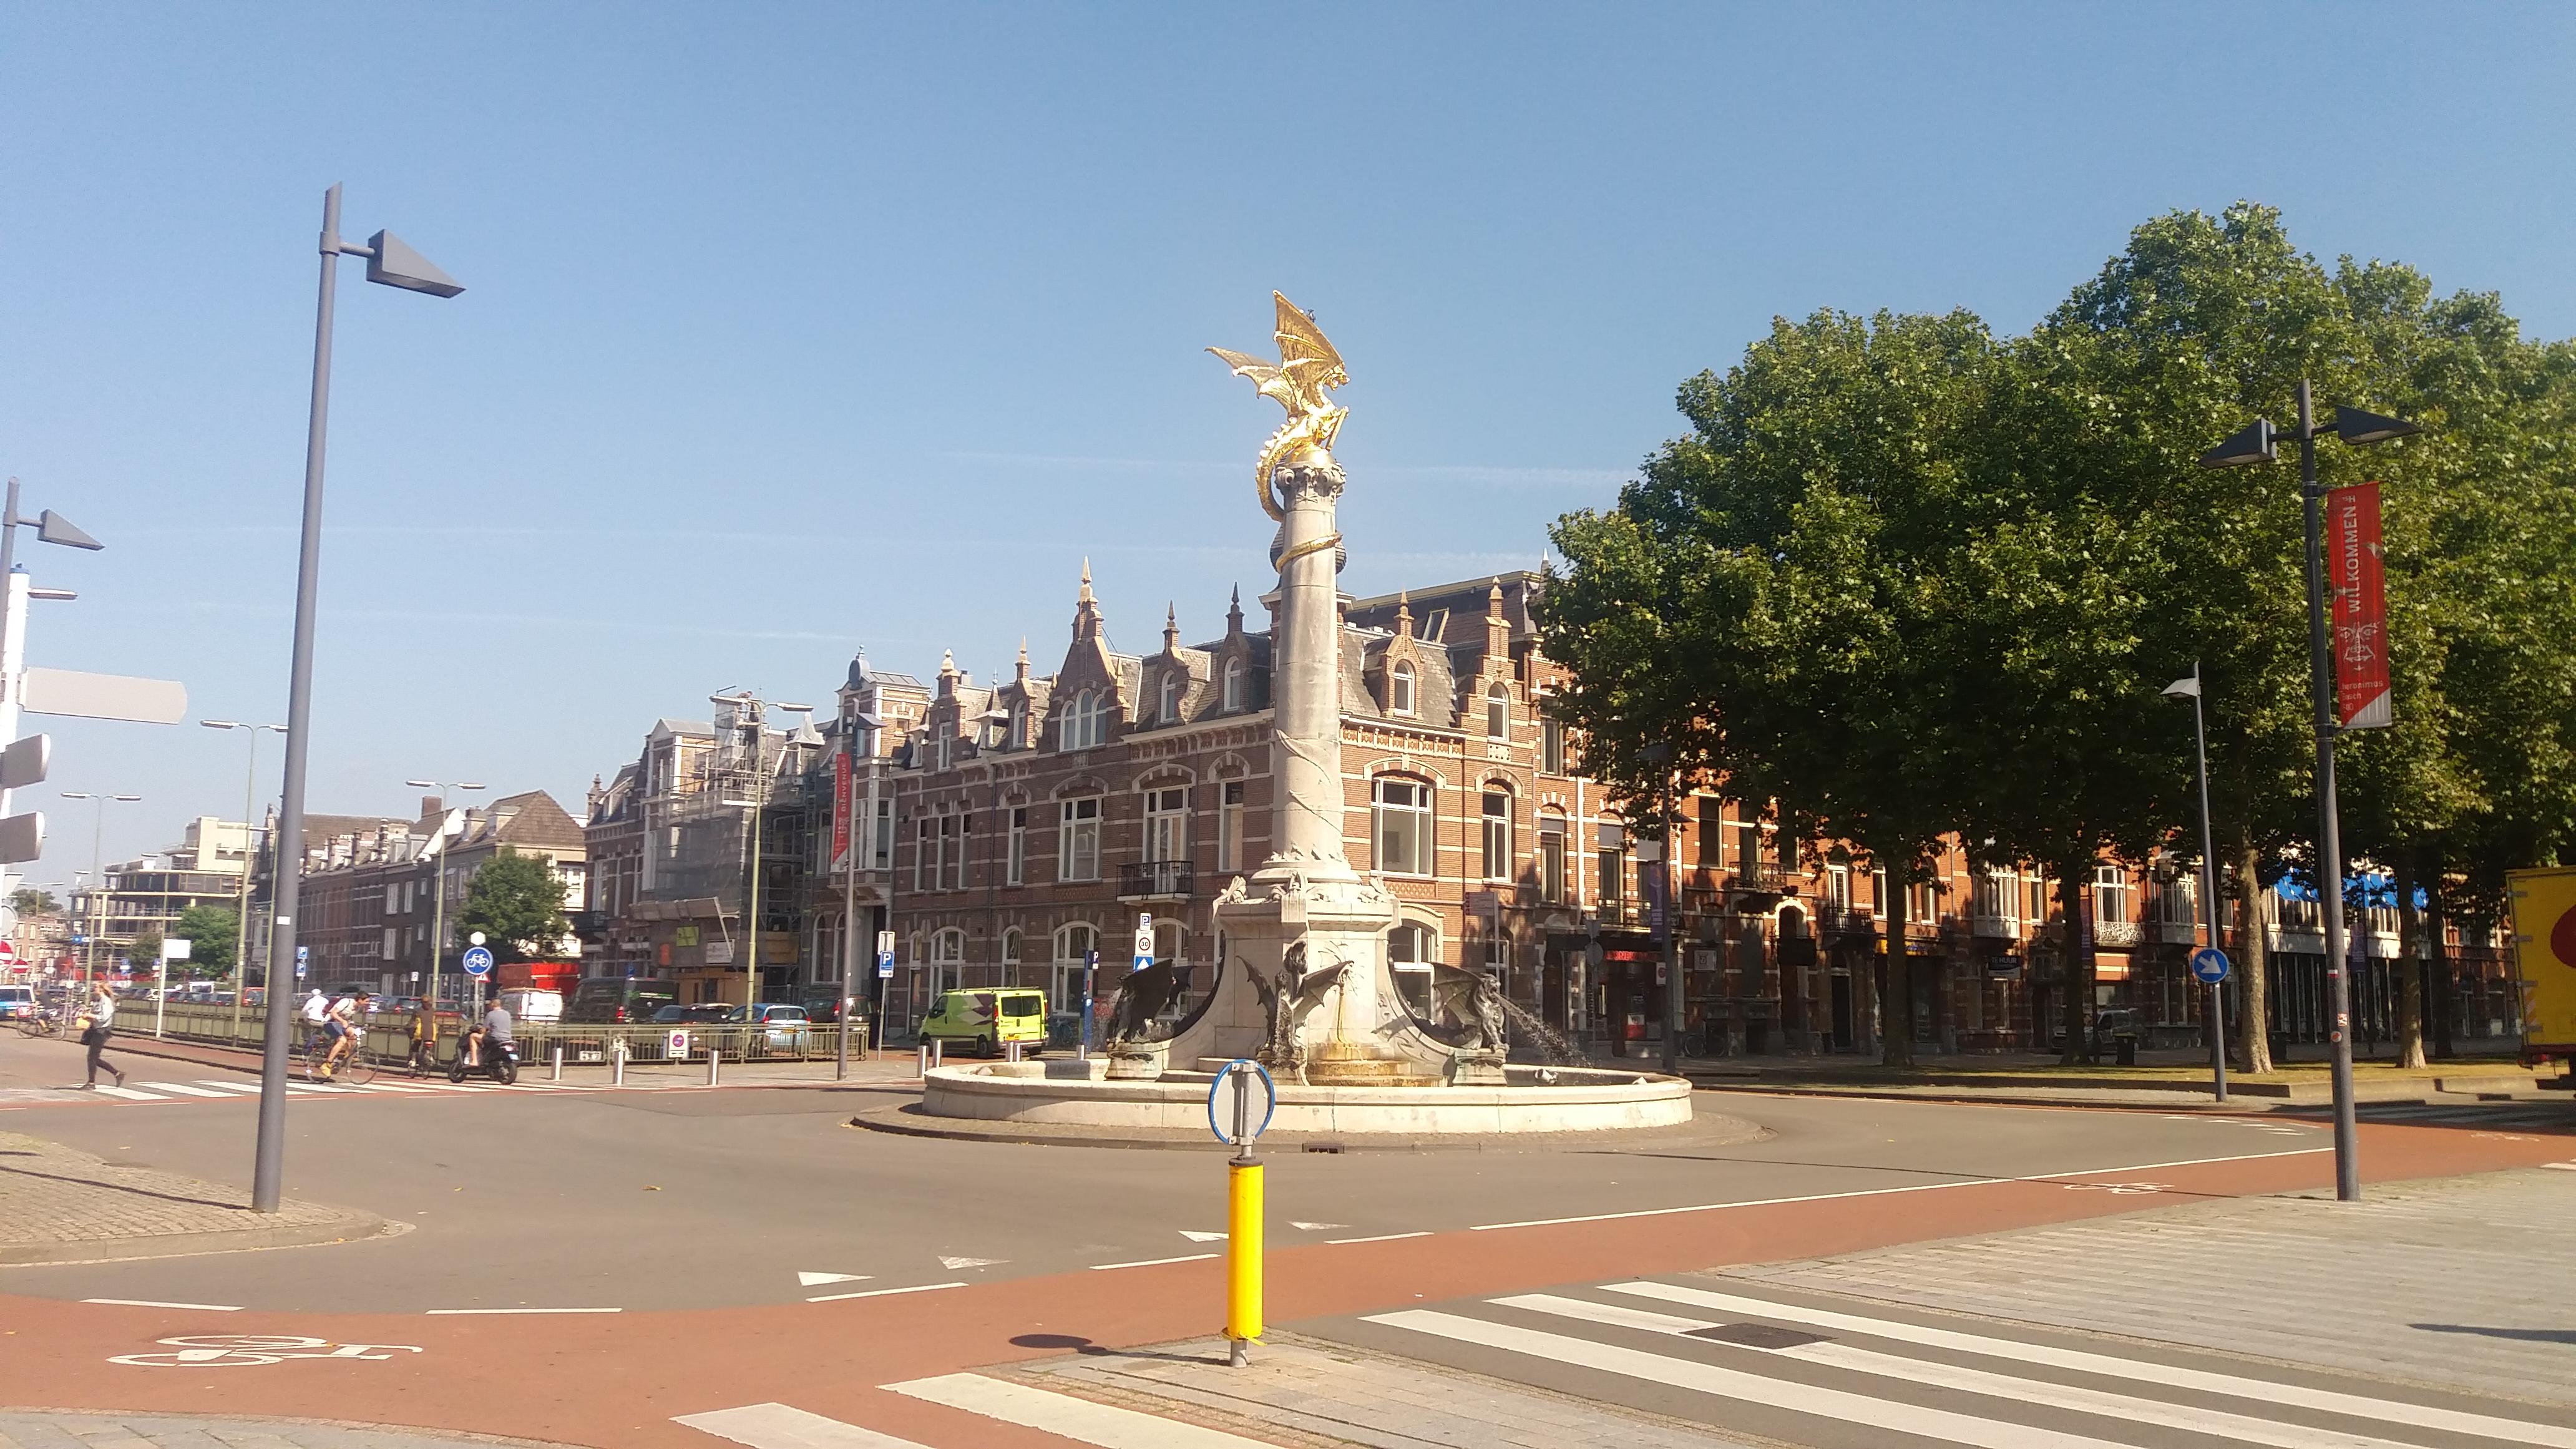 Orăşelul magic al dragonilor din Olanda – s'Hertogenbosch